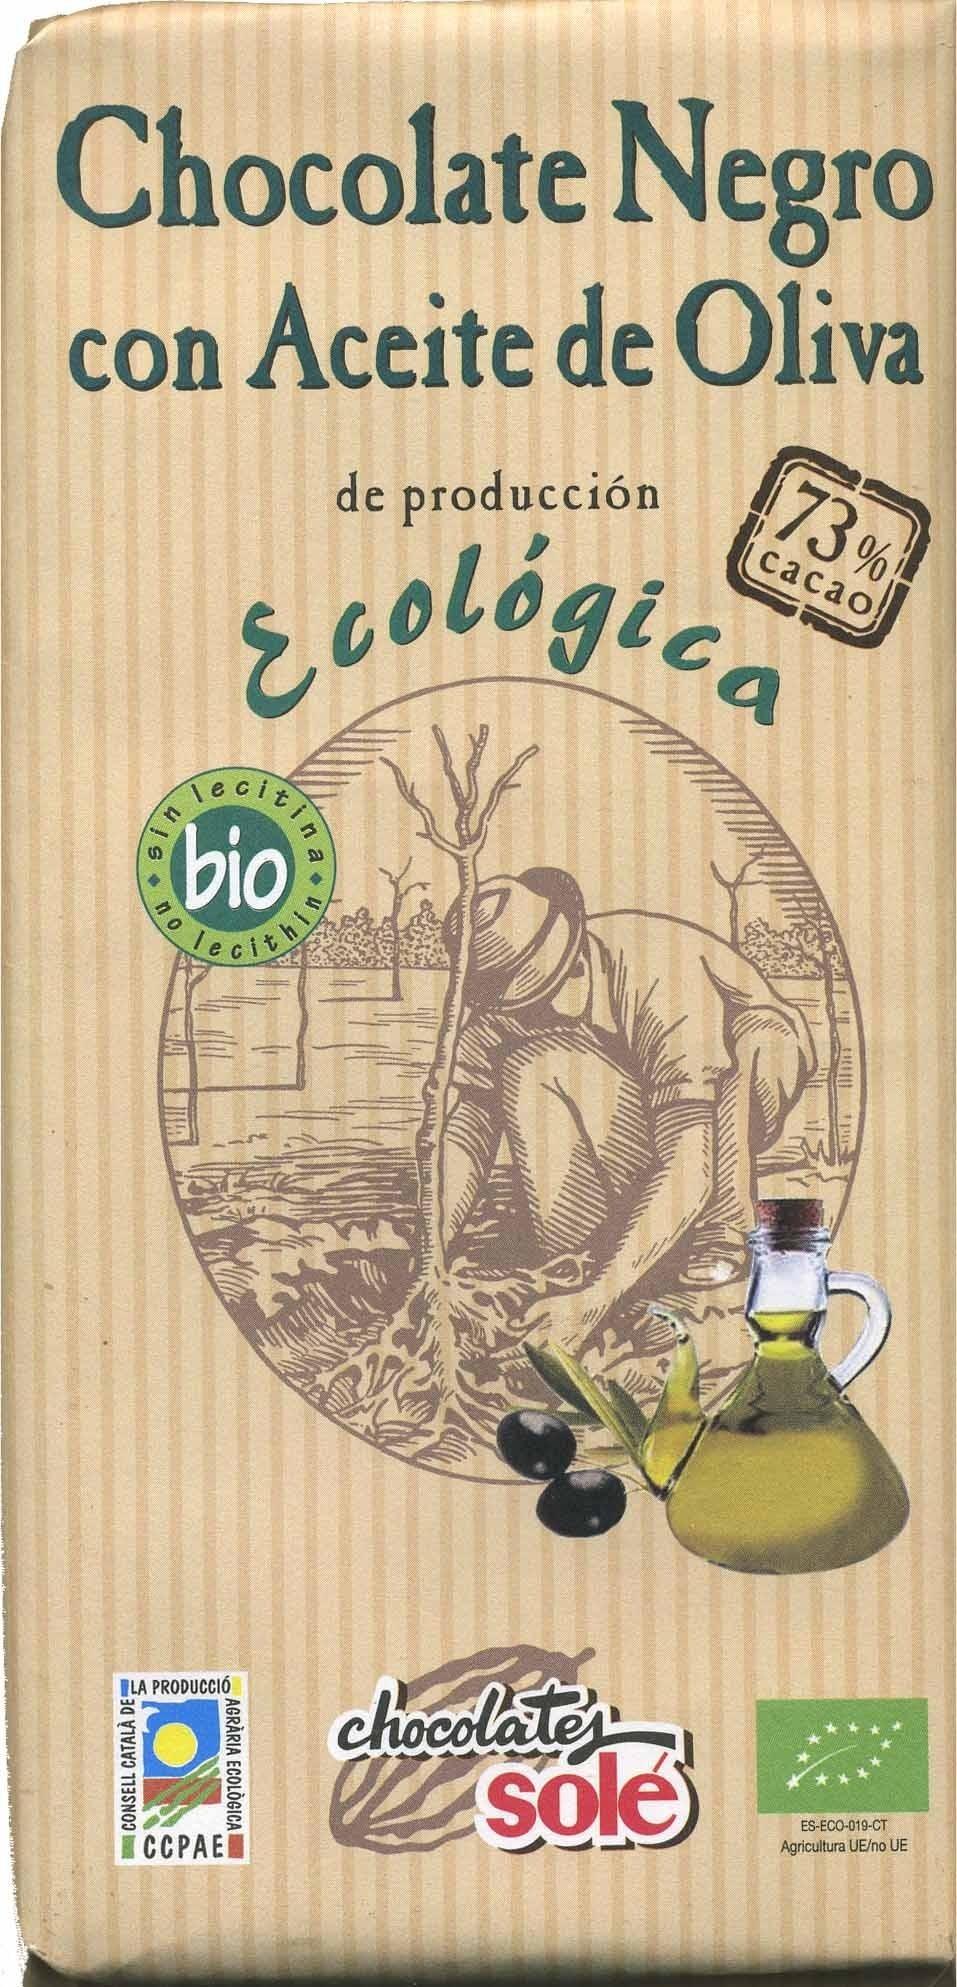 Tableta de chocolate negro con aceite de oliva 73% cacao - Product - es